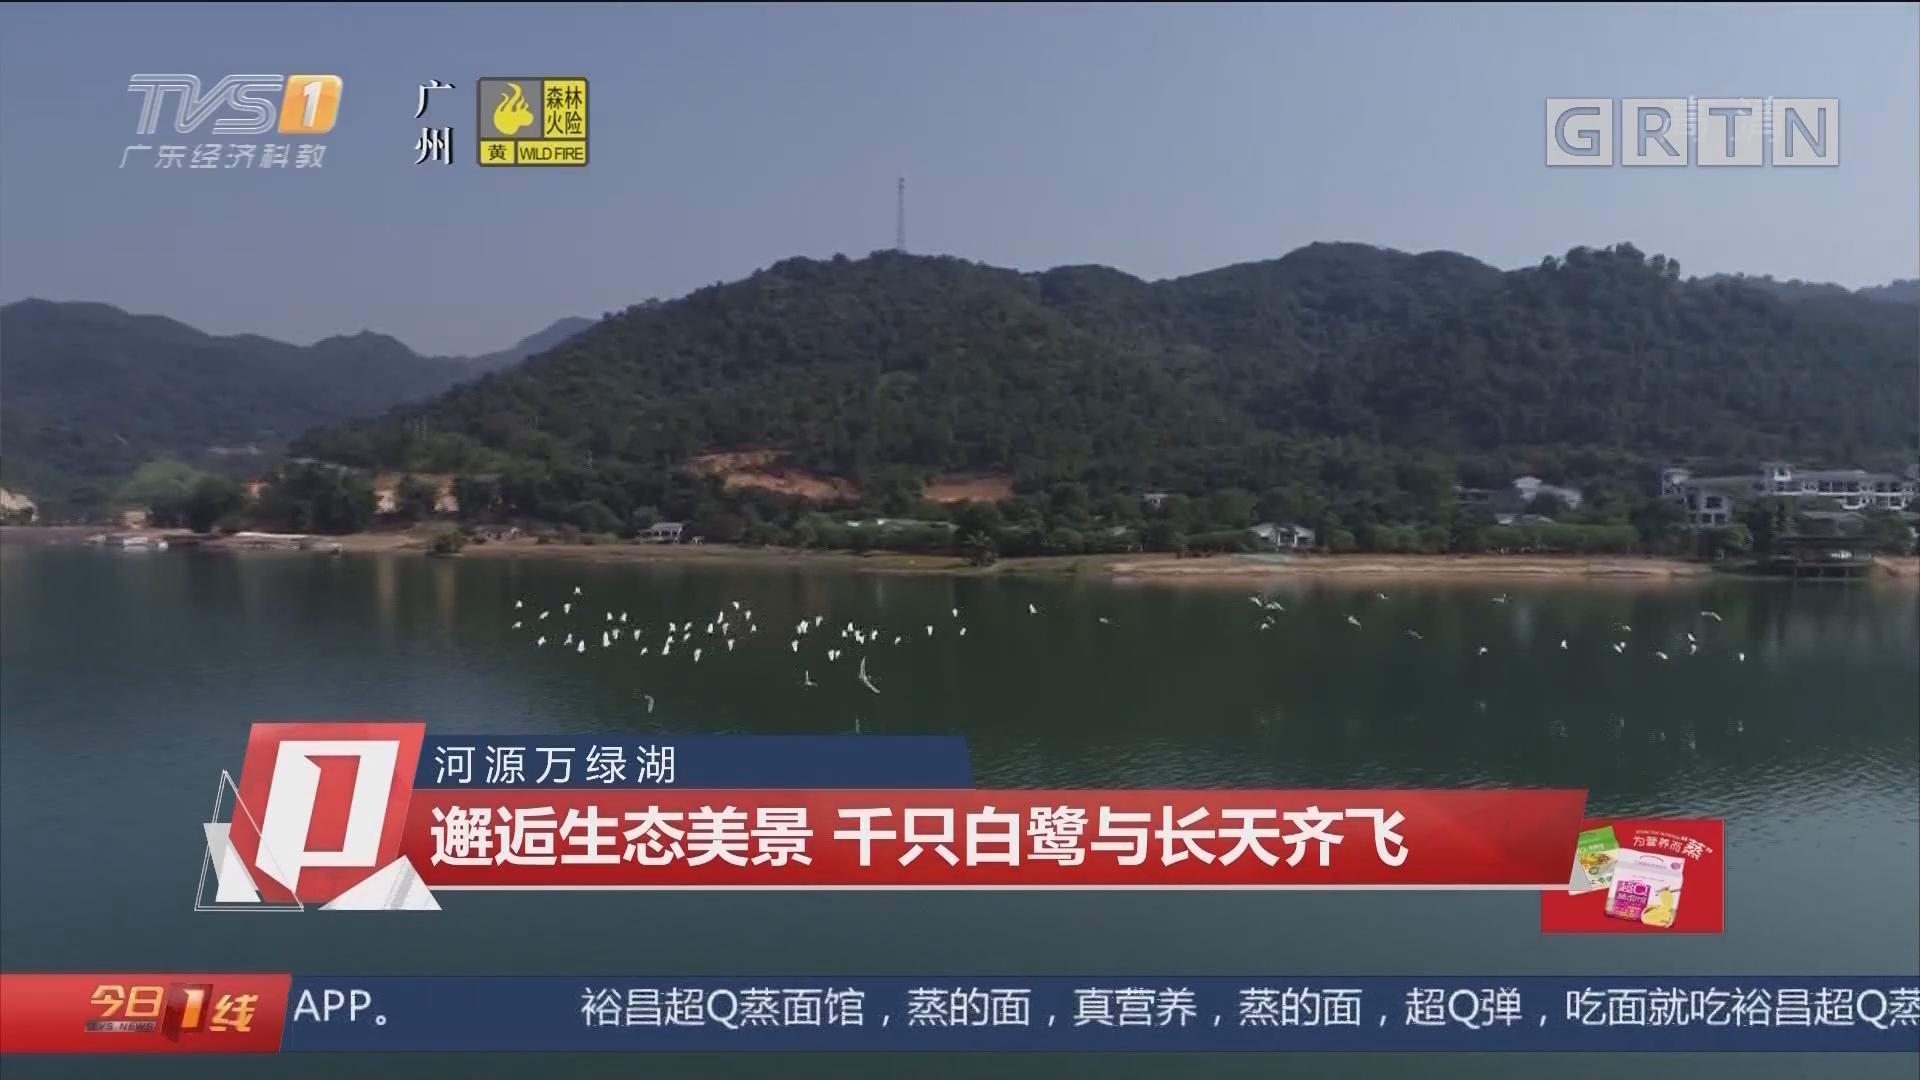 河源万绿湖 邂逅生态美景 千只白鹭与长天齐飞